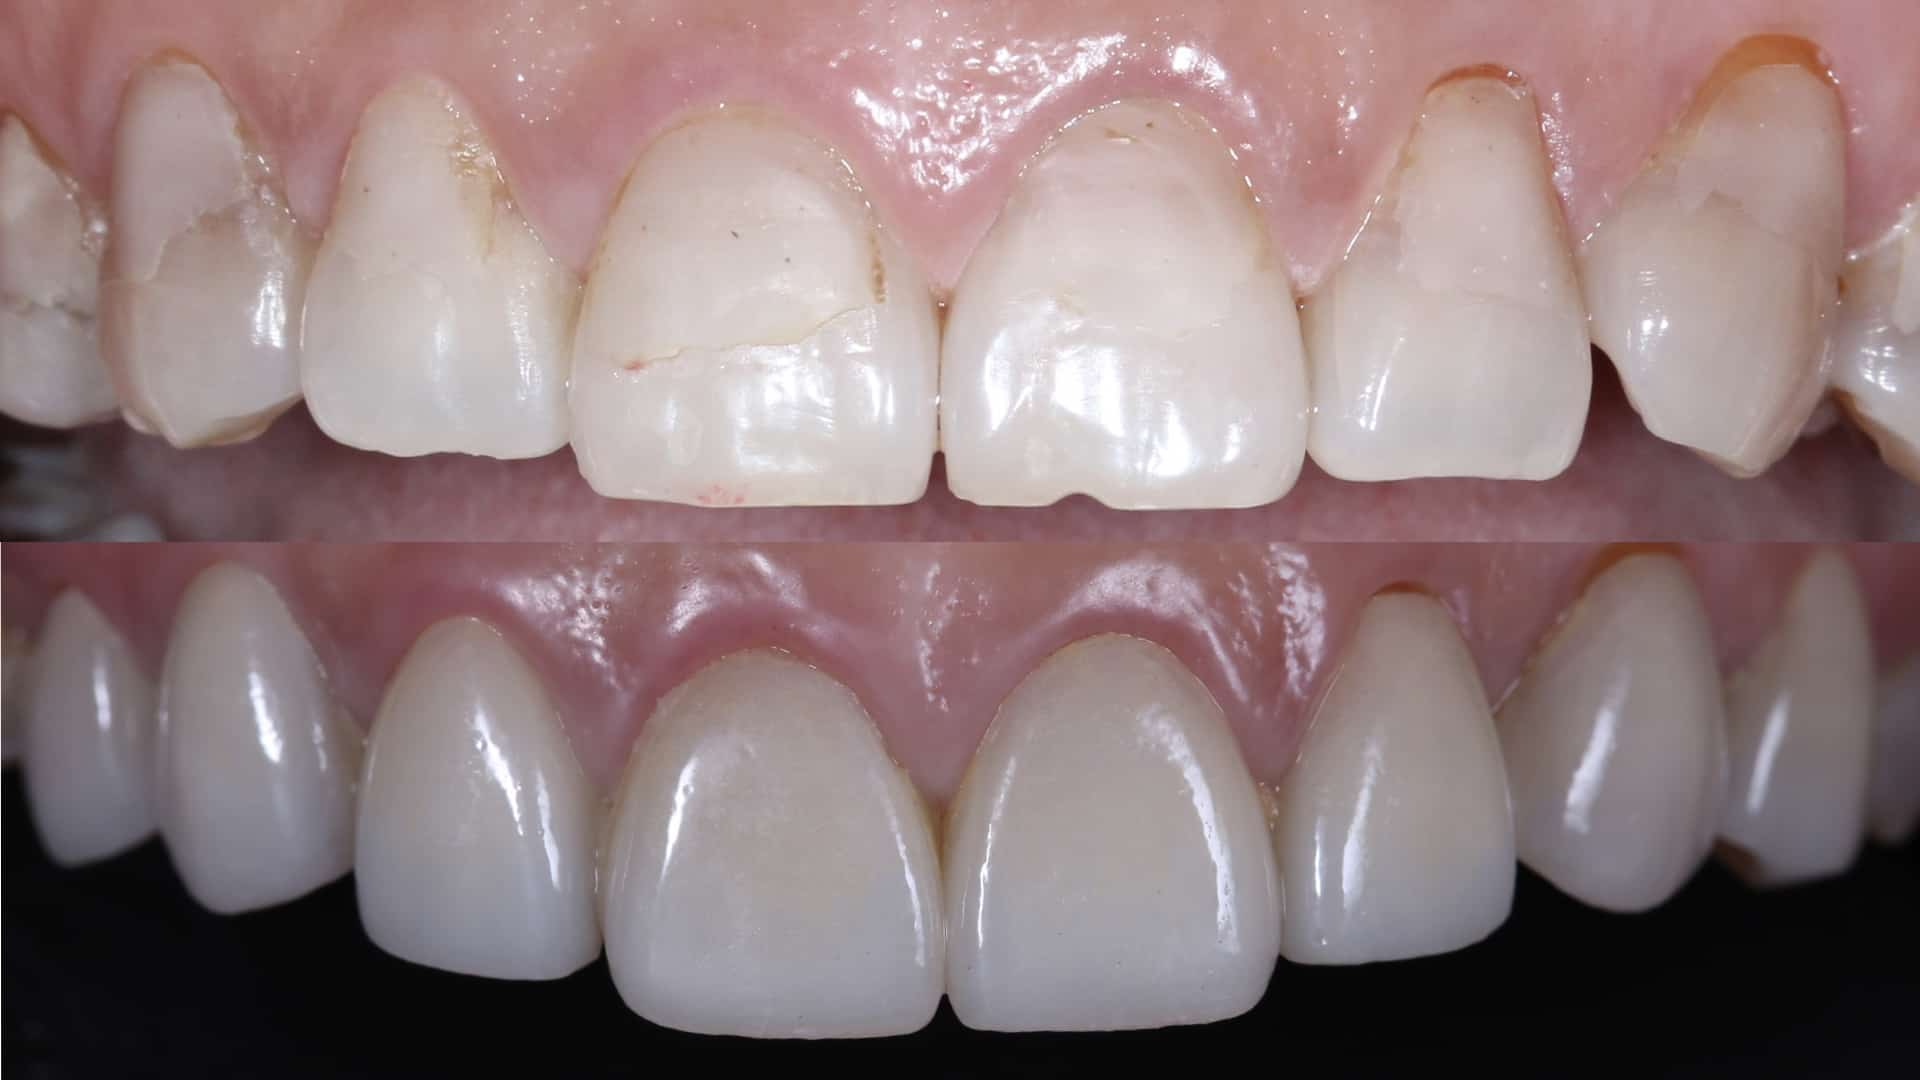 圖三、施作貼片後,保留牙齒本身弧度效果更自然(圖片來源:瑞比牙醫)